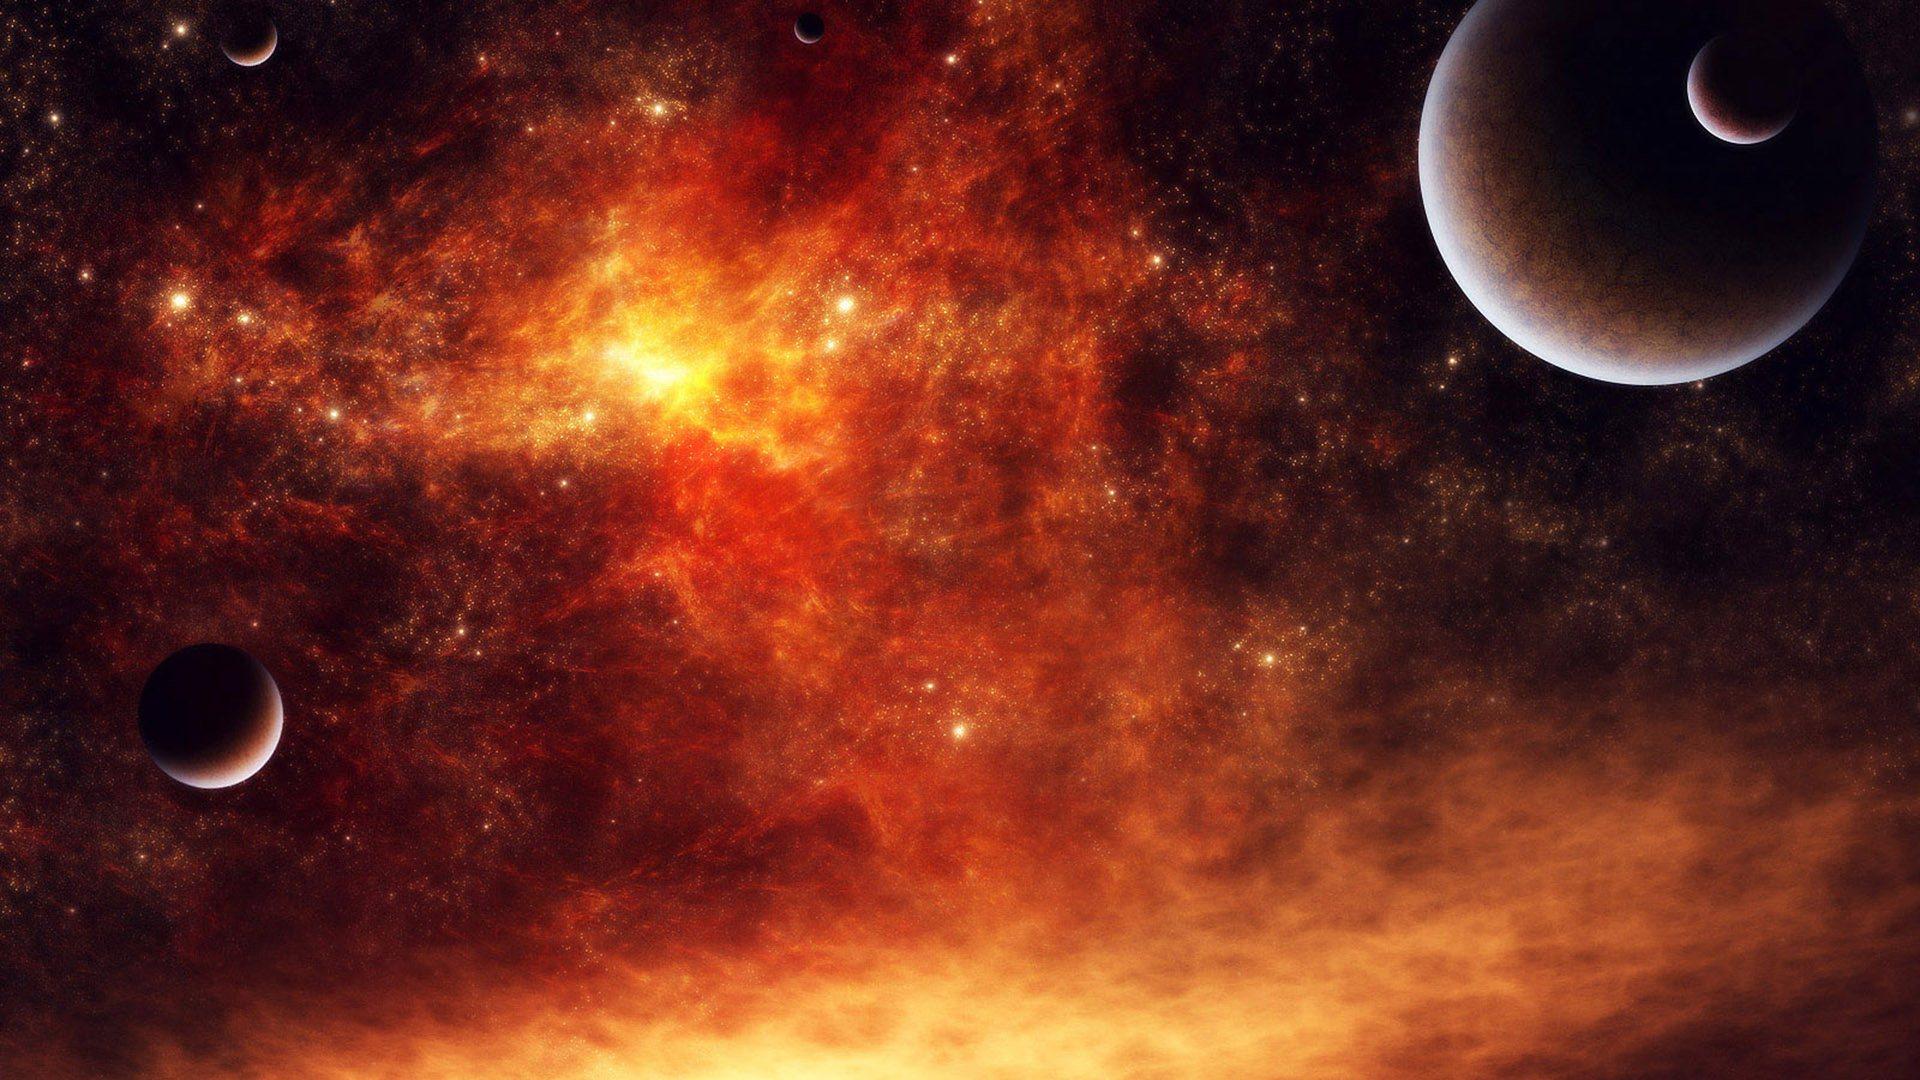 огонь в космосе, обои для рабочего стола, планеты, солнце